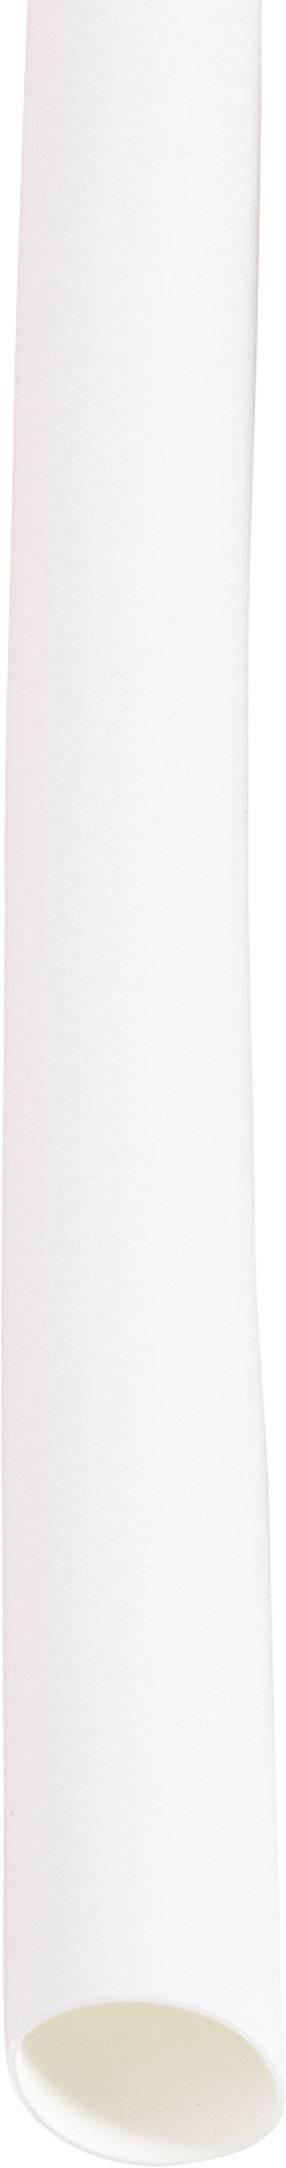 Sada zmršťovacých bužírok DSG Canusa 2810095902CO, 2:1, 4.70 mm /9.50 mm, biela, 1 sada